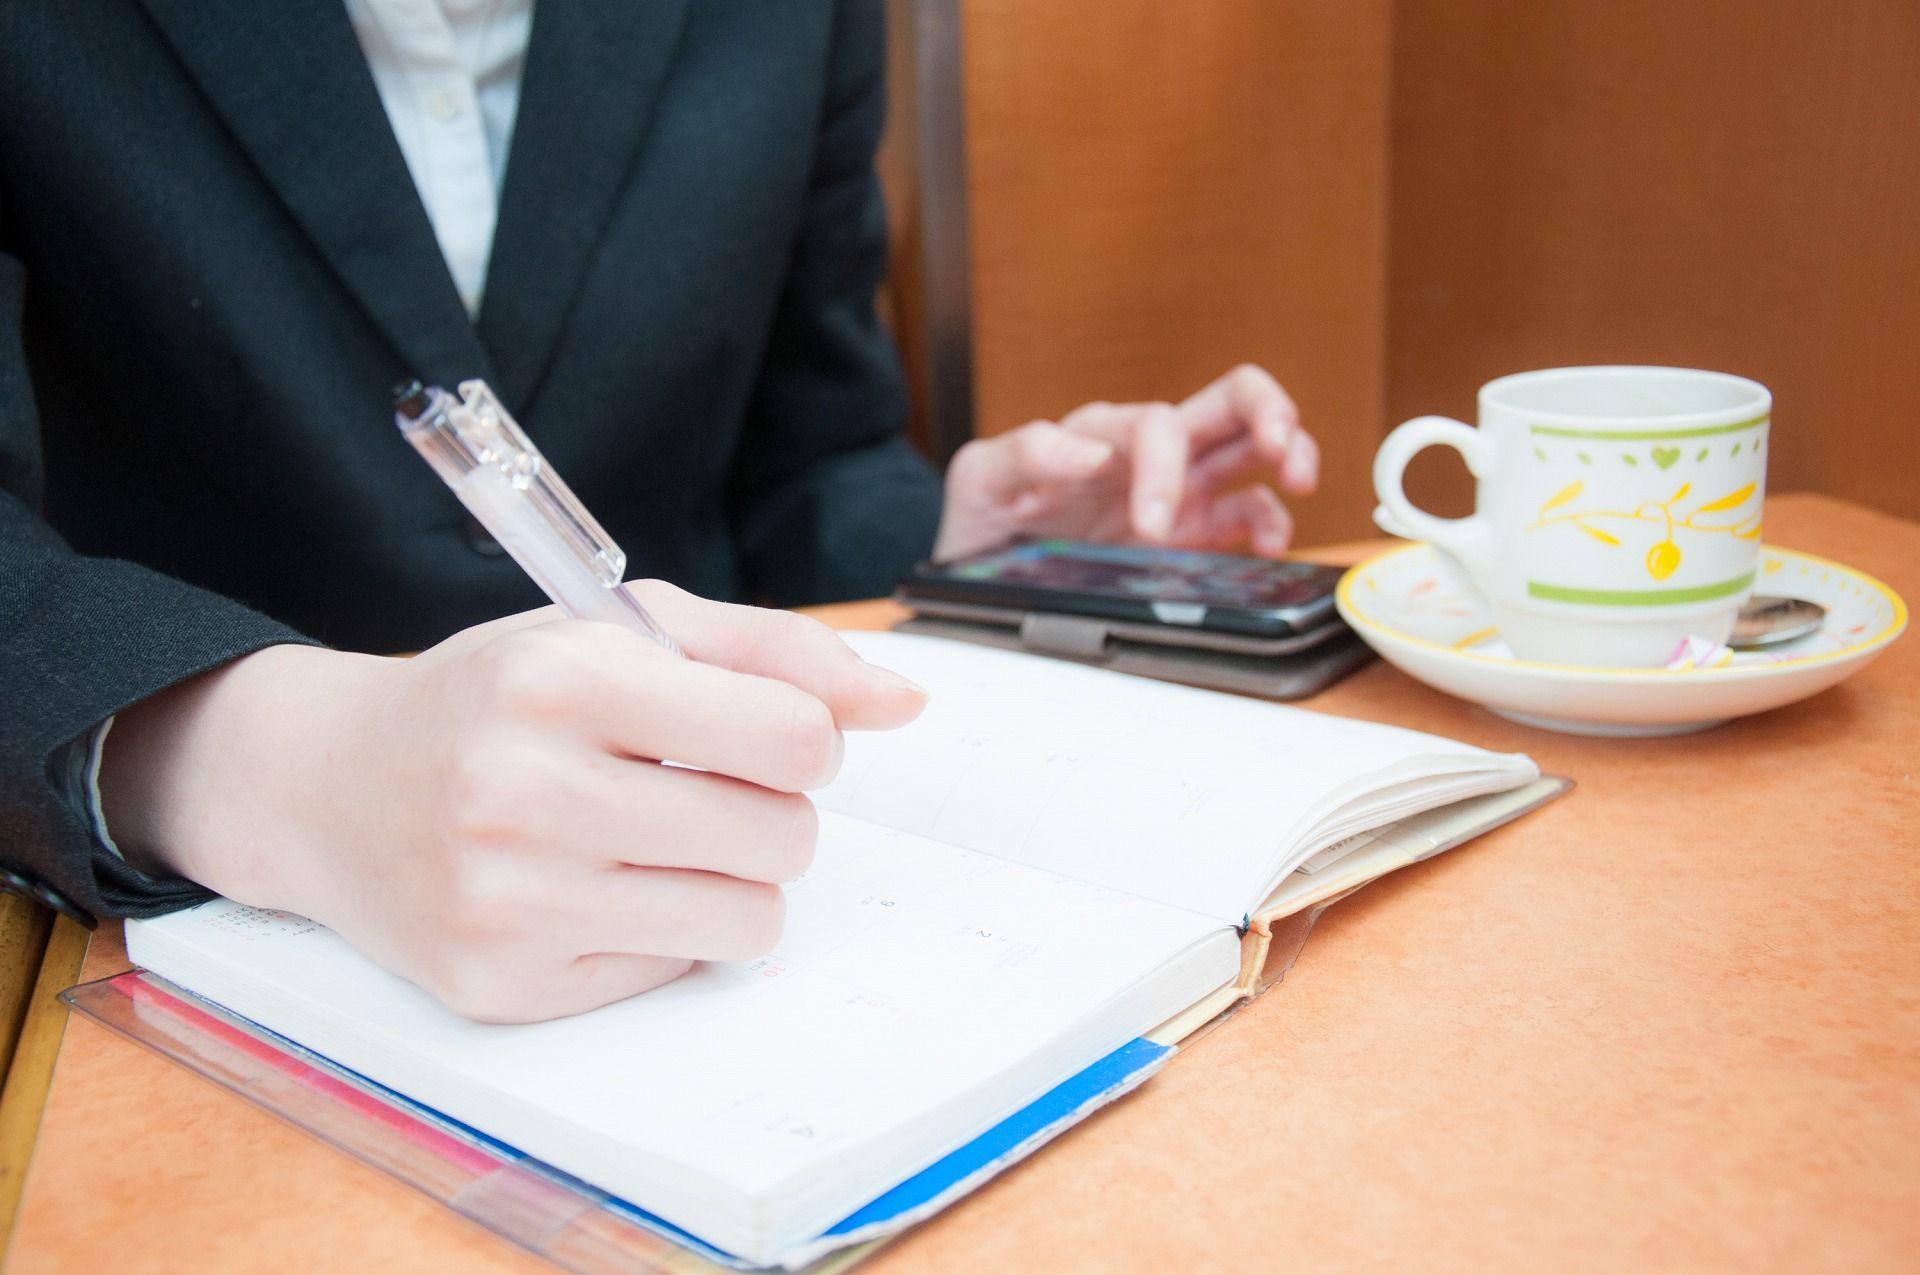 仕事の合間にスマホを使ってカフェで勉強する女性